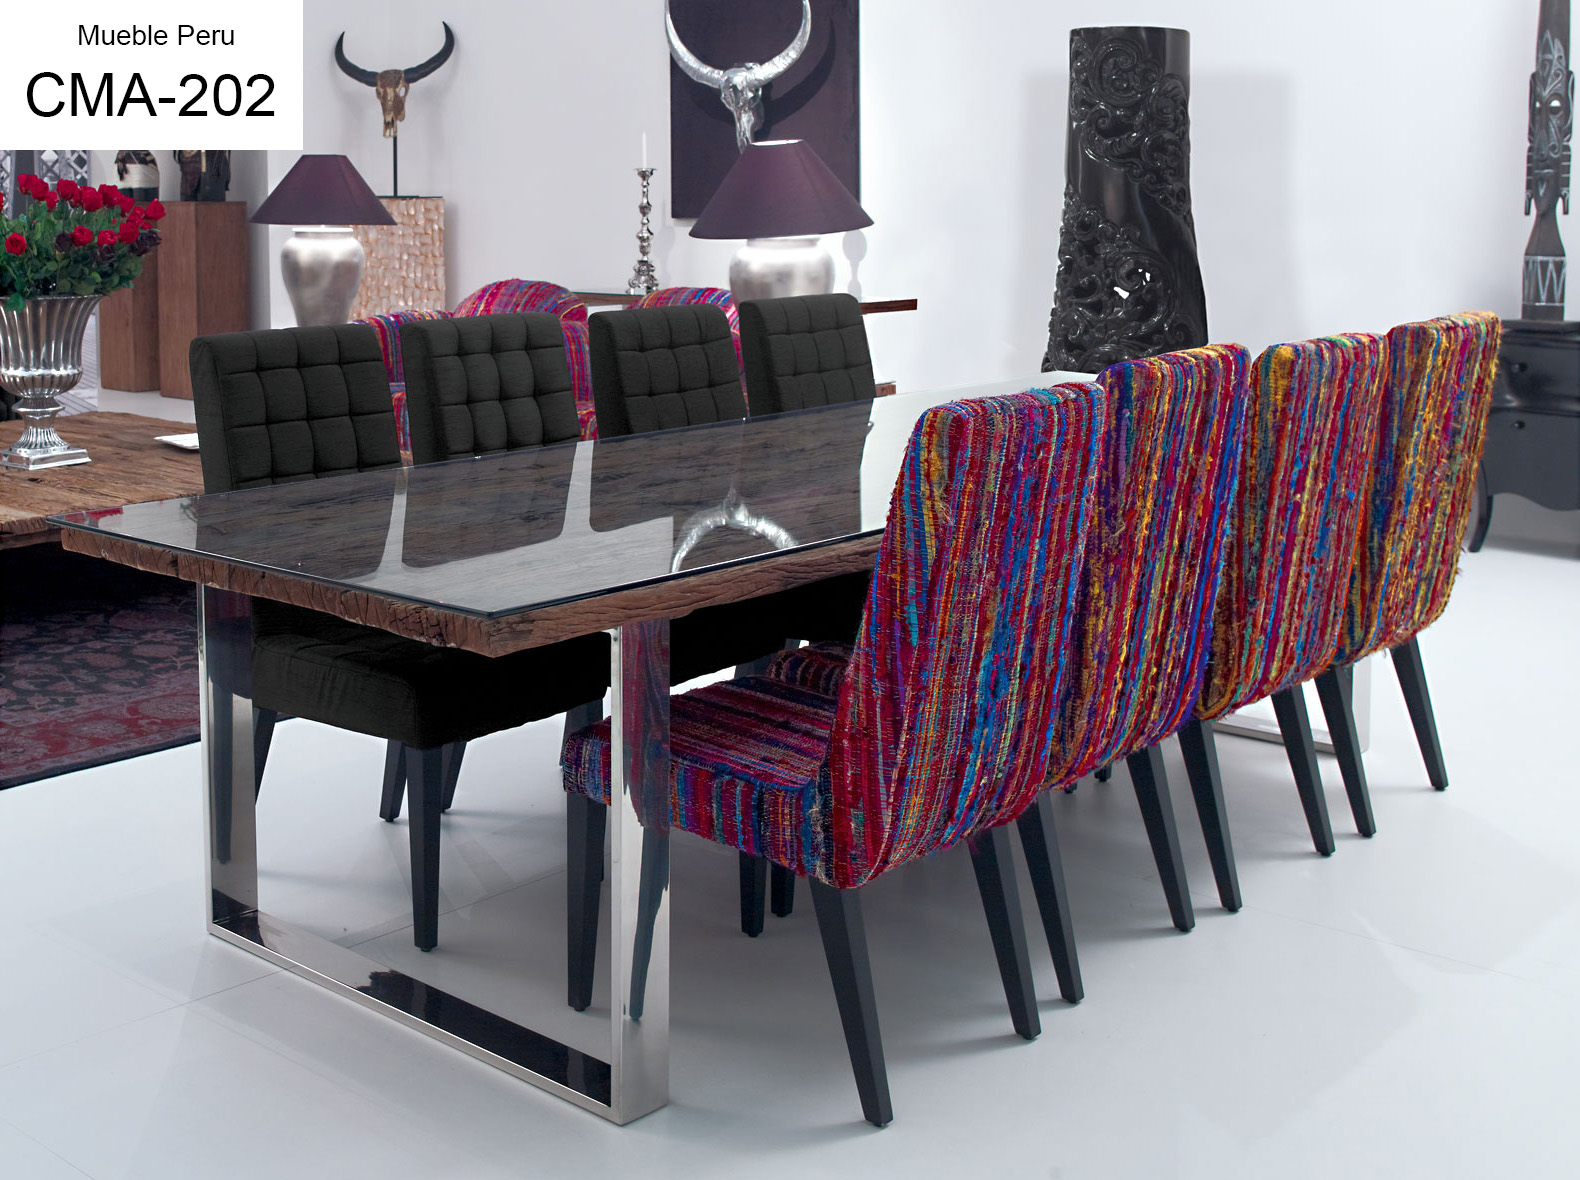 Mueble Peru Modernos Muebles De Comedor